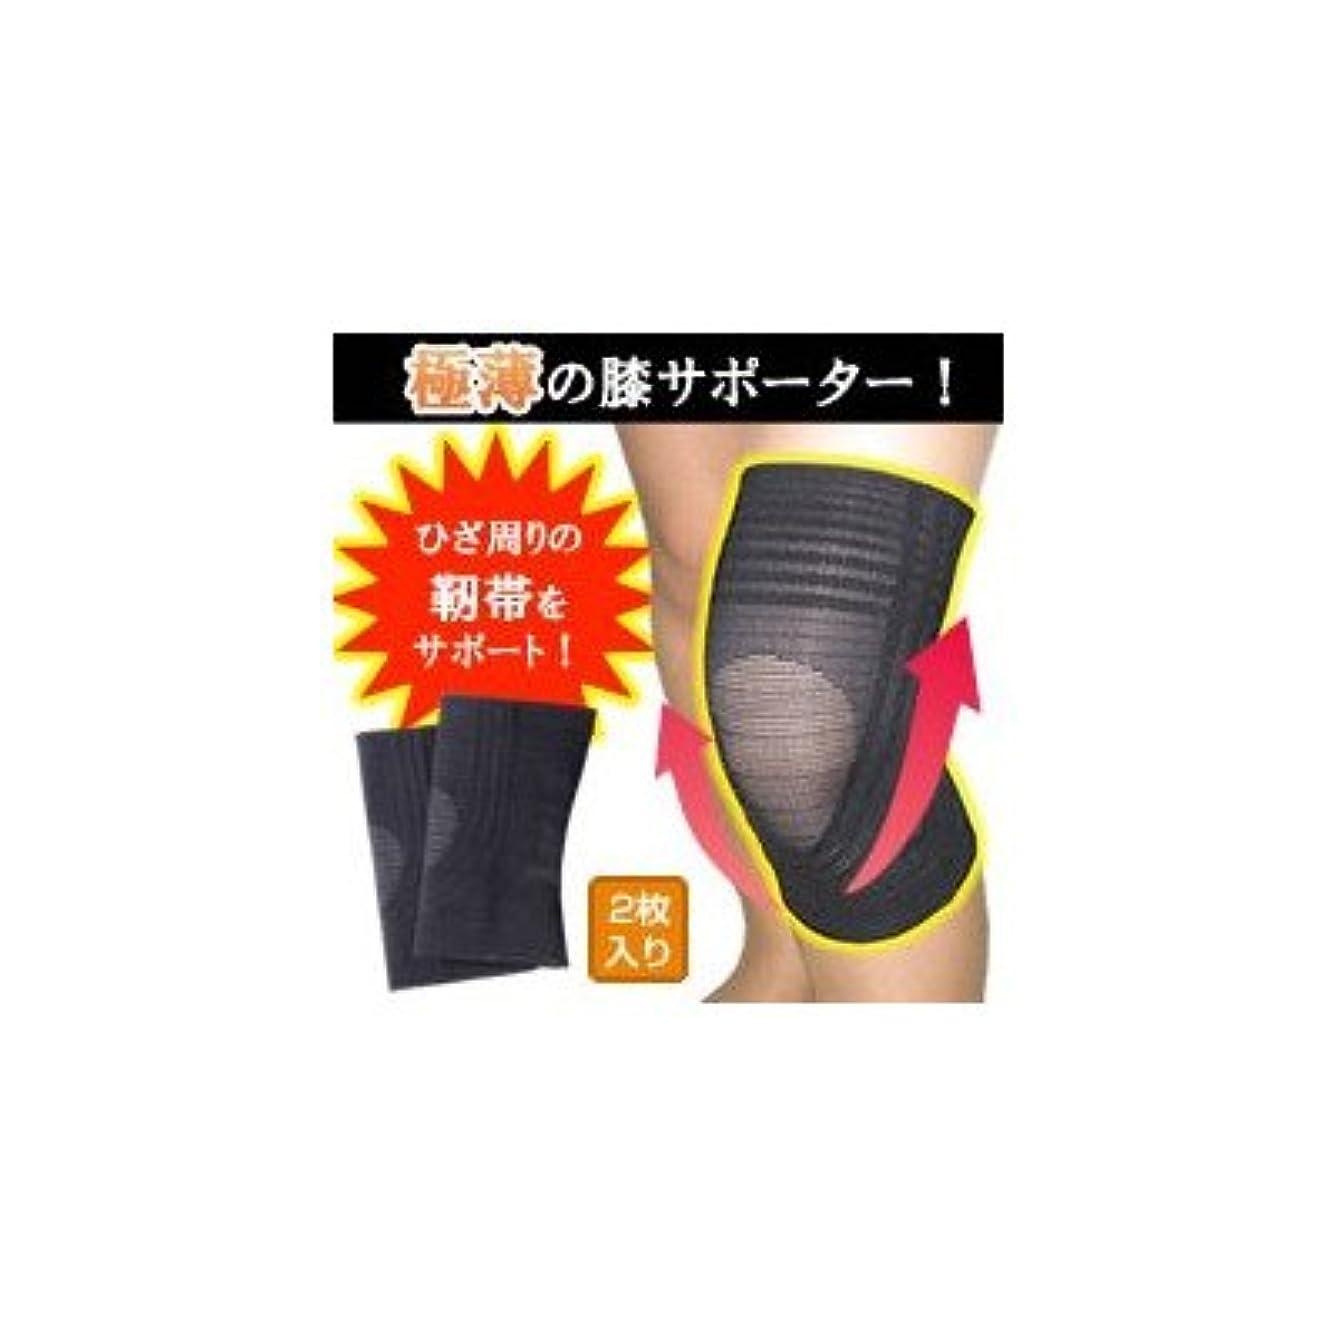 みがきます熟達した白い縁の下の膝靭帯サポーター M( 画像はイメージ画像です お届けの商品はMのみとなります)